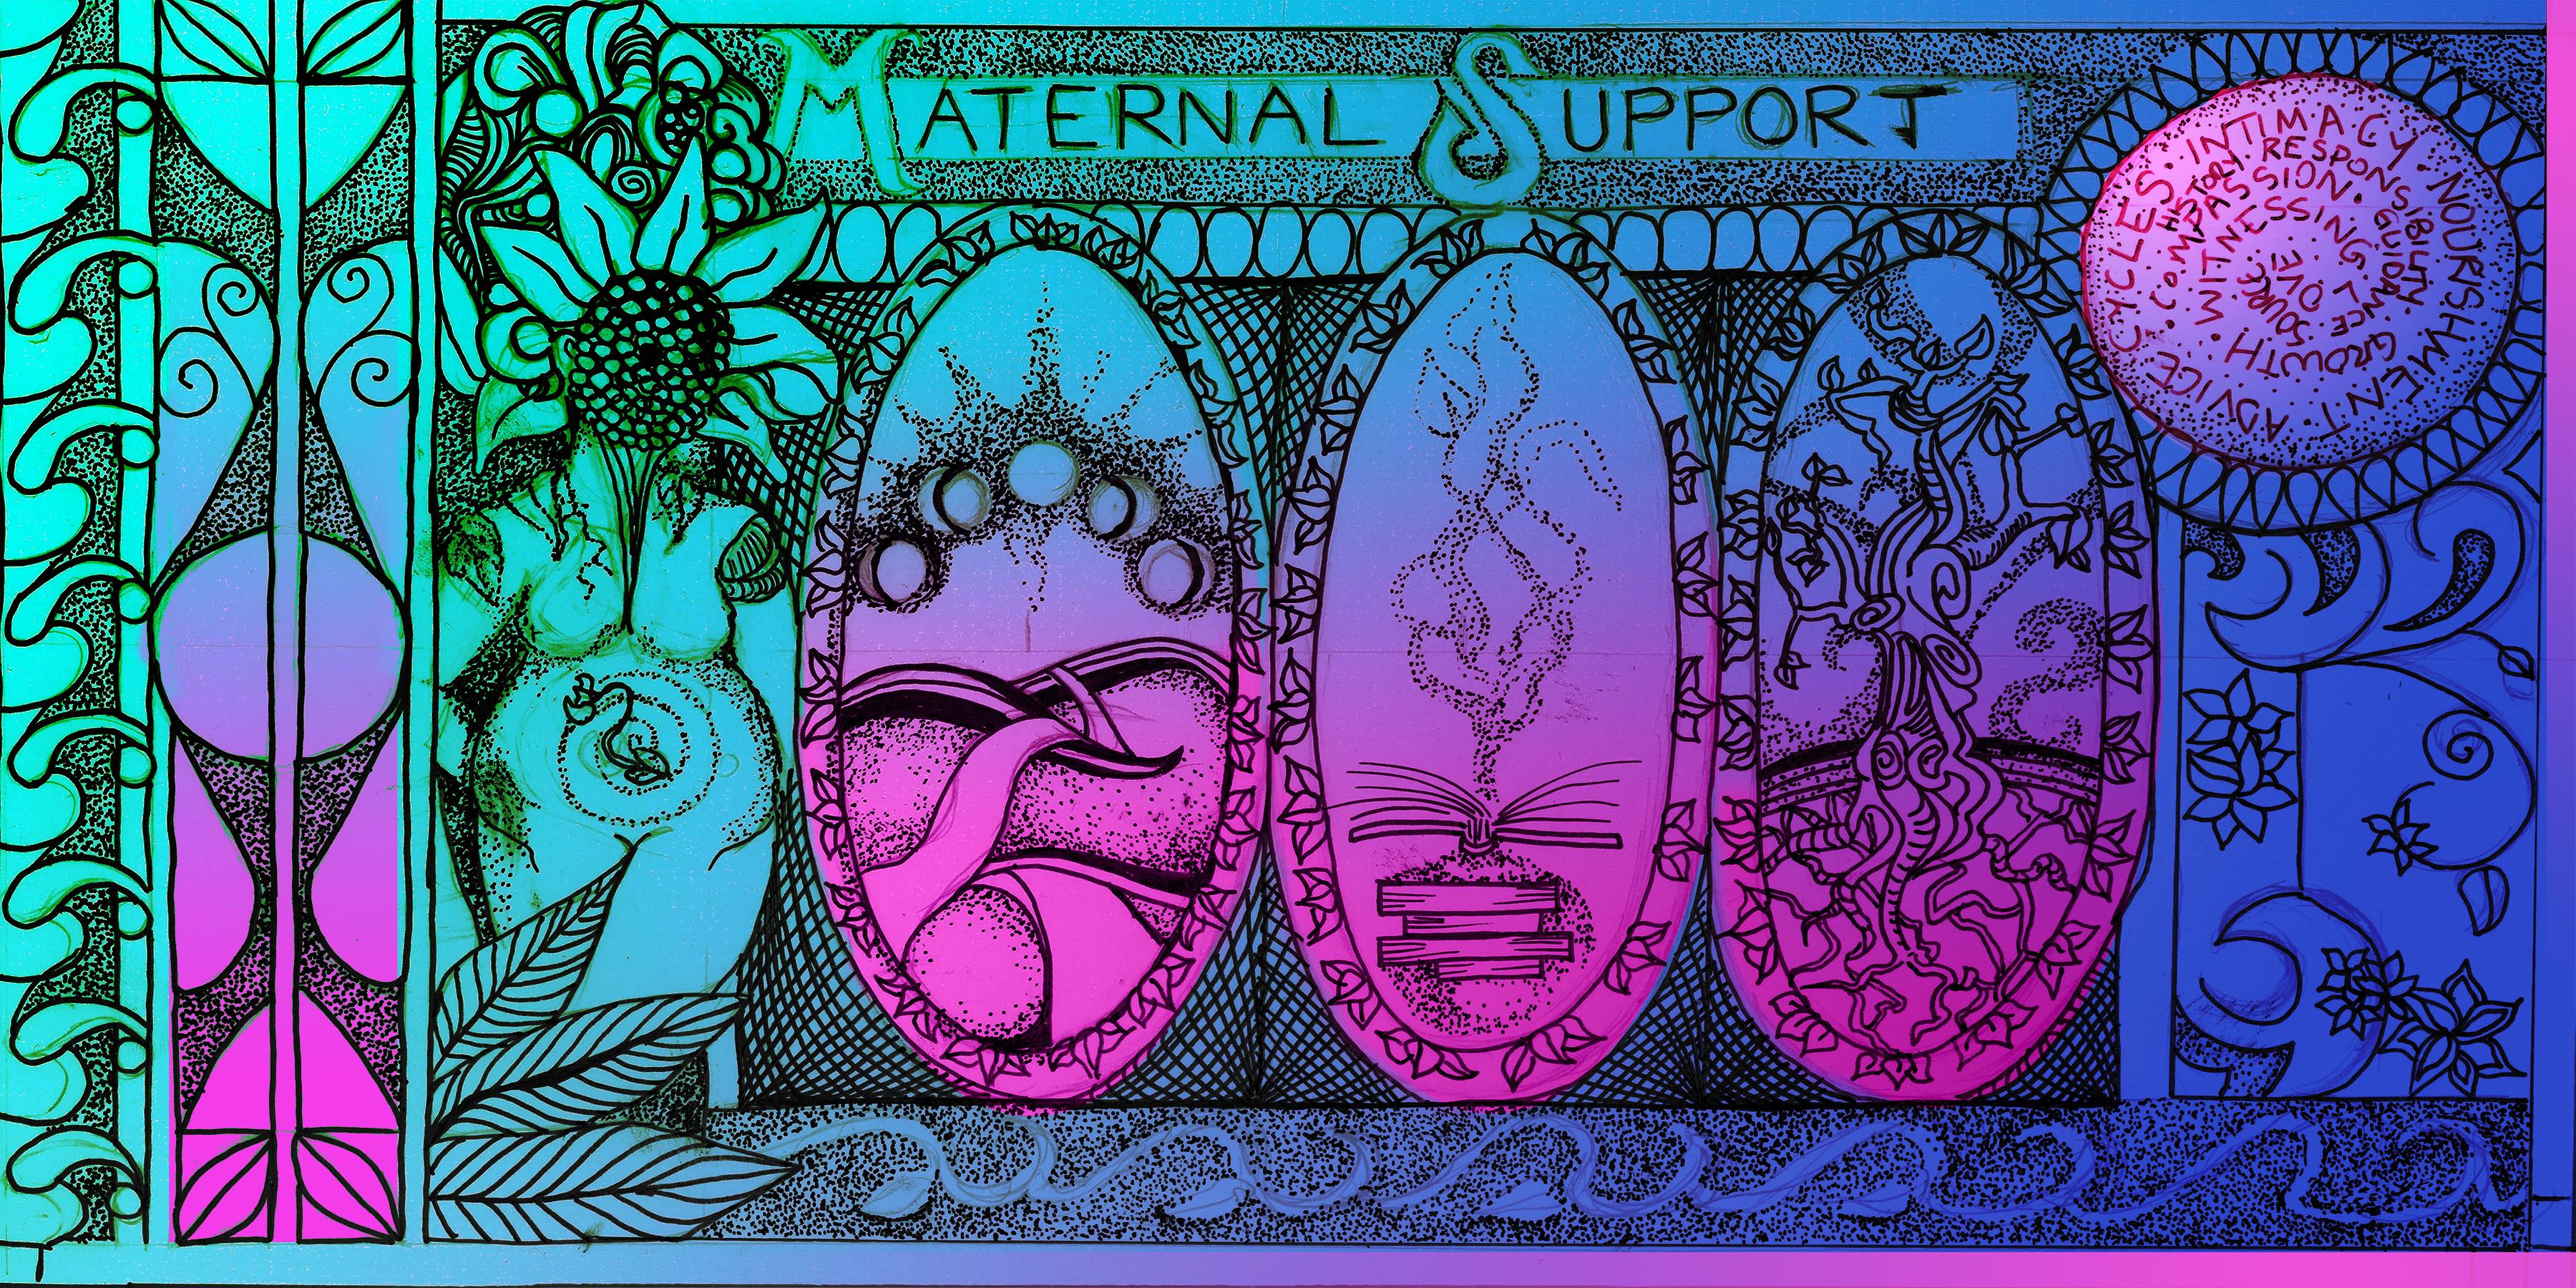 Maternal Support